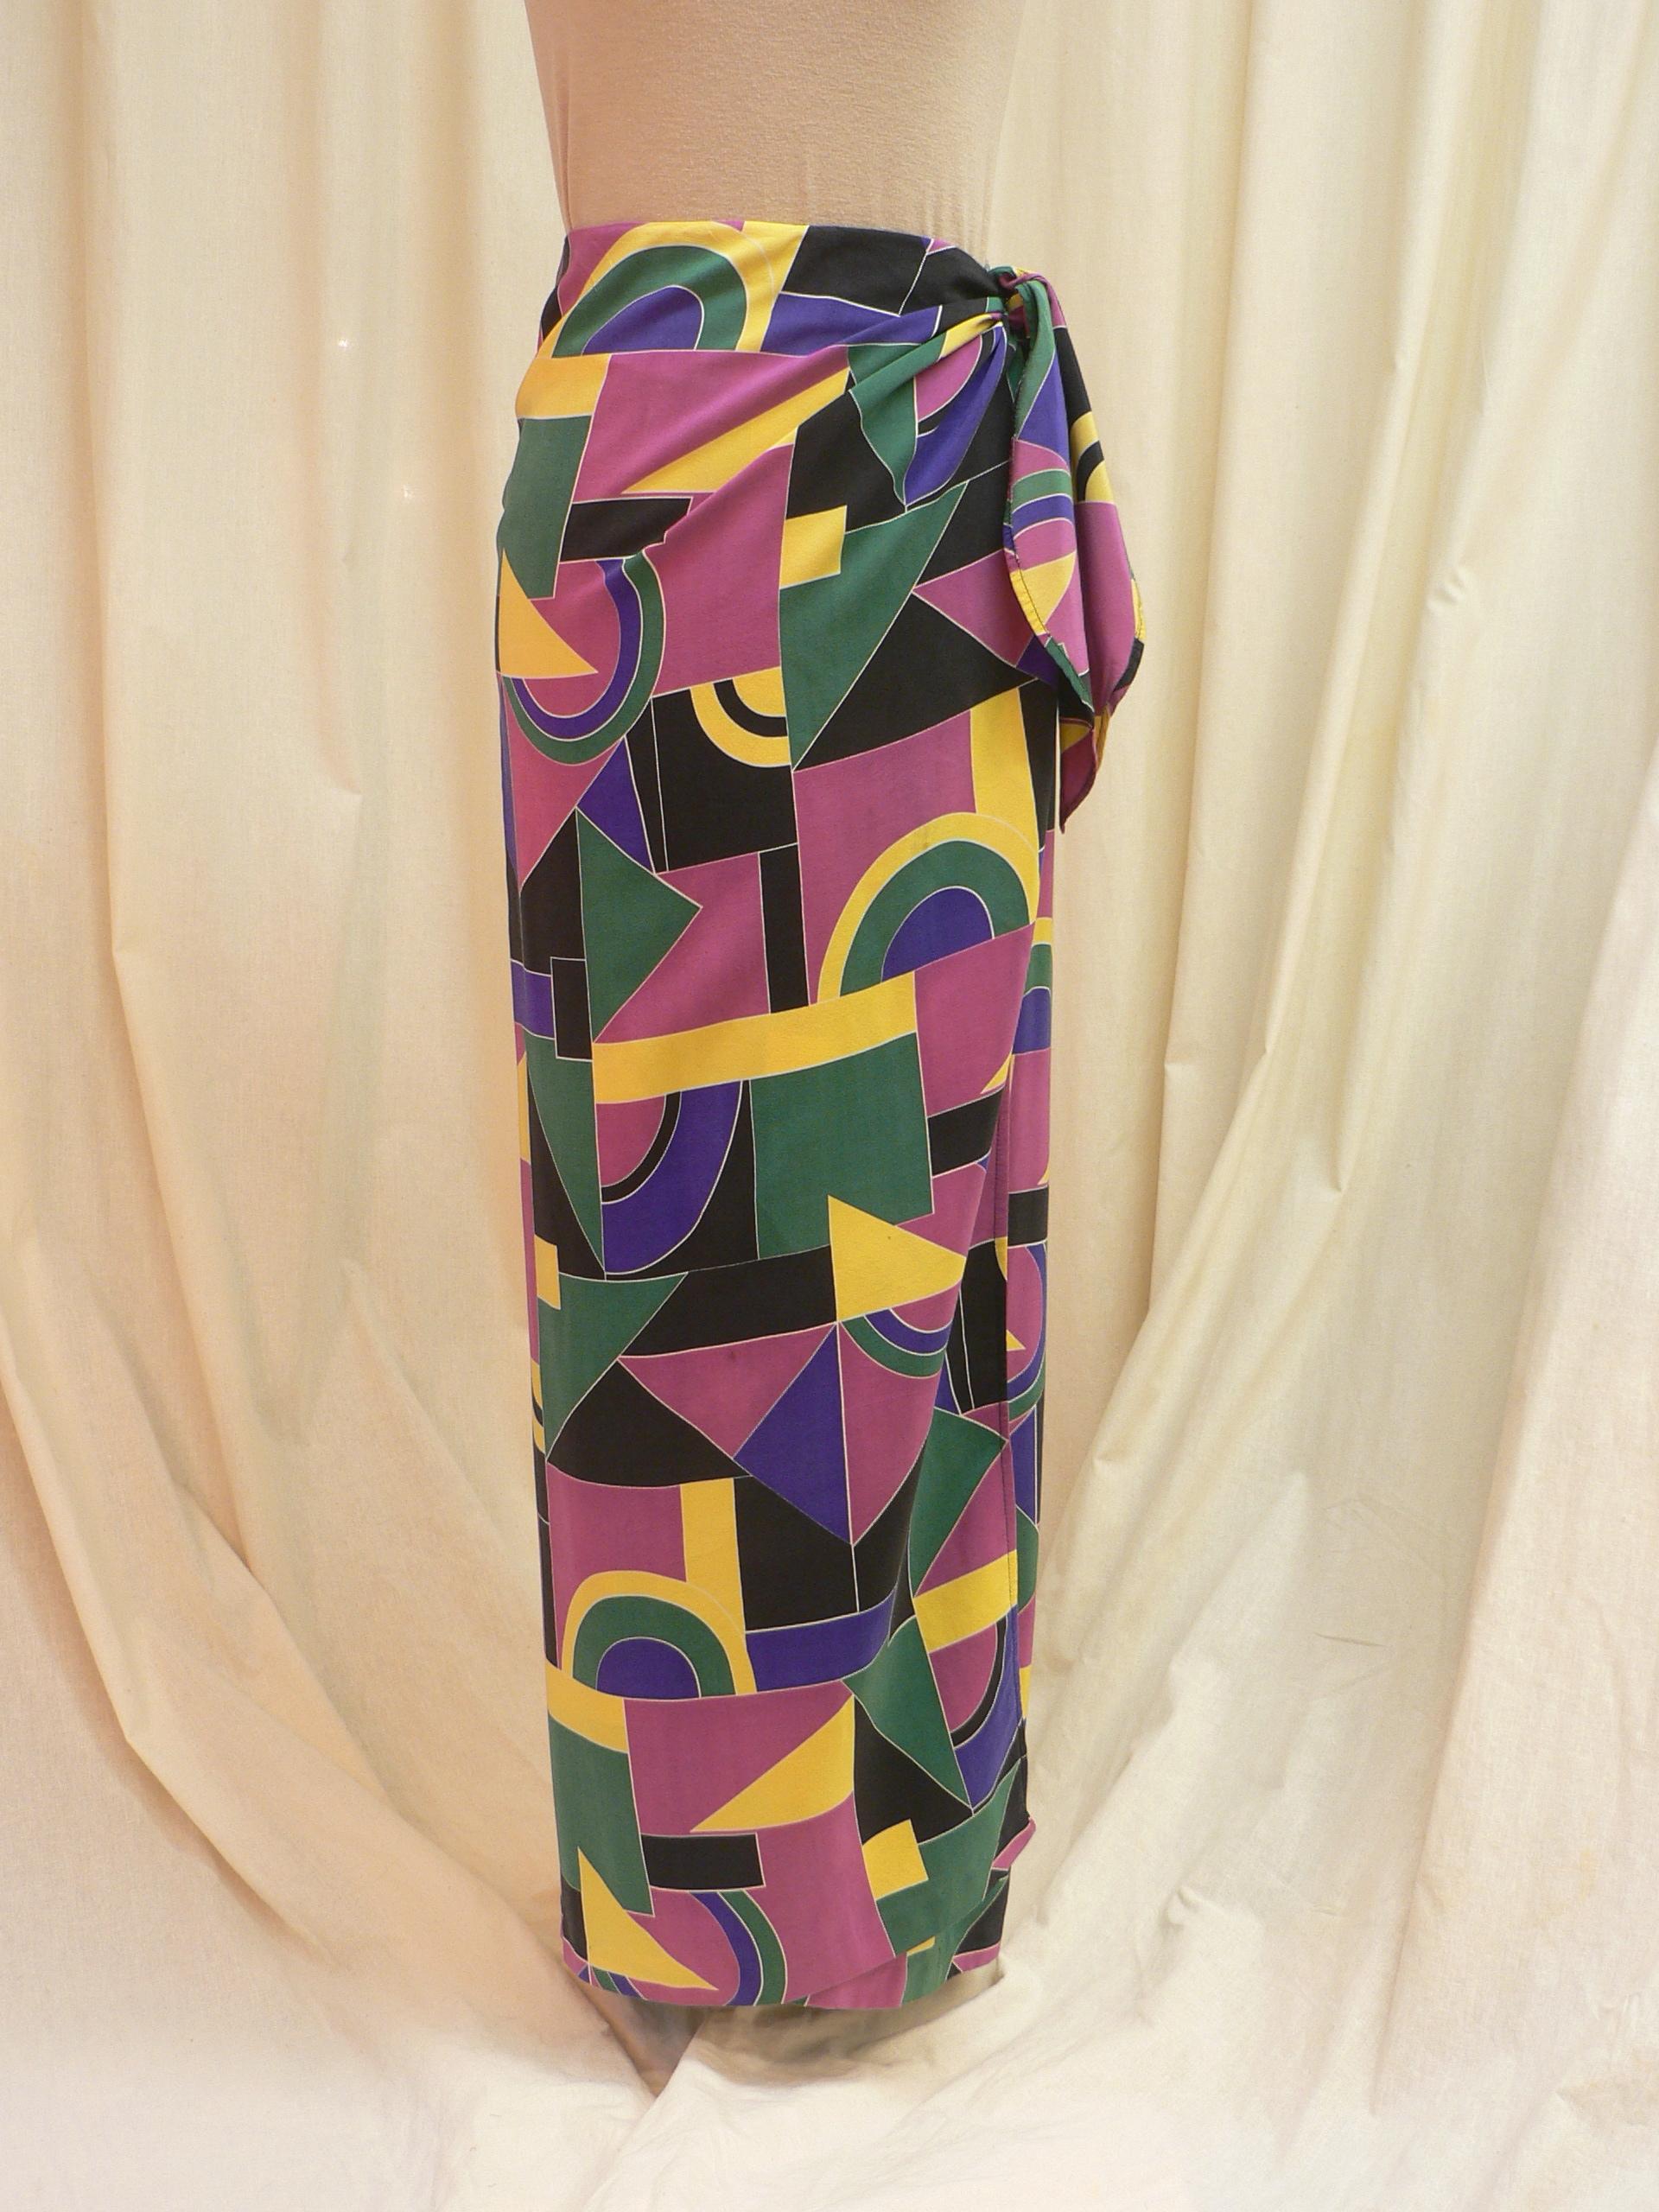 skirt02_front1.JPG